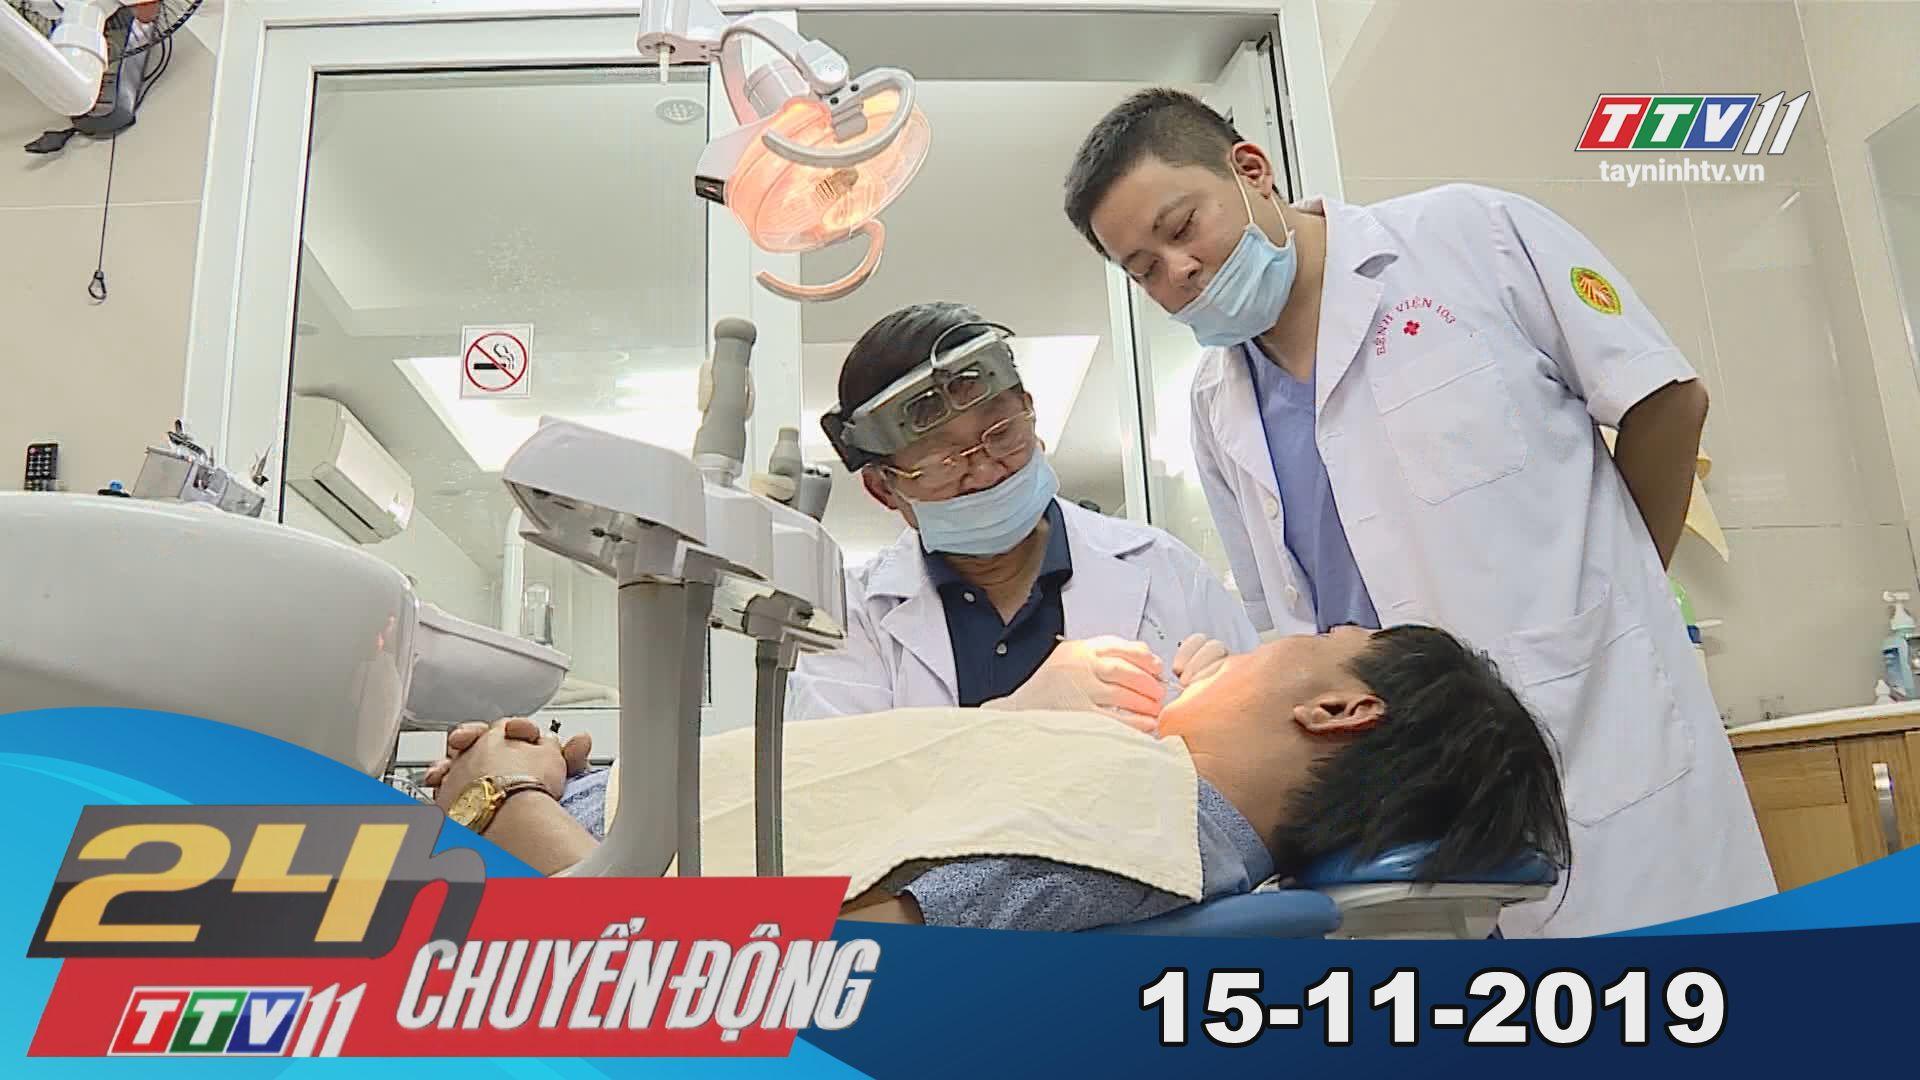 Tây Ninh TV | 24h Chuyển động 15-11-2019 | Tin tức ngày hôm nay